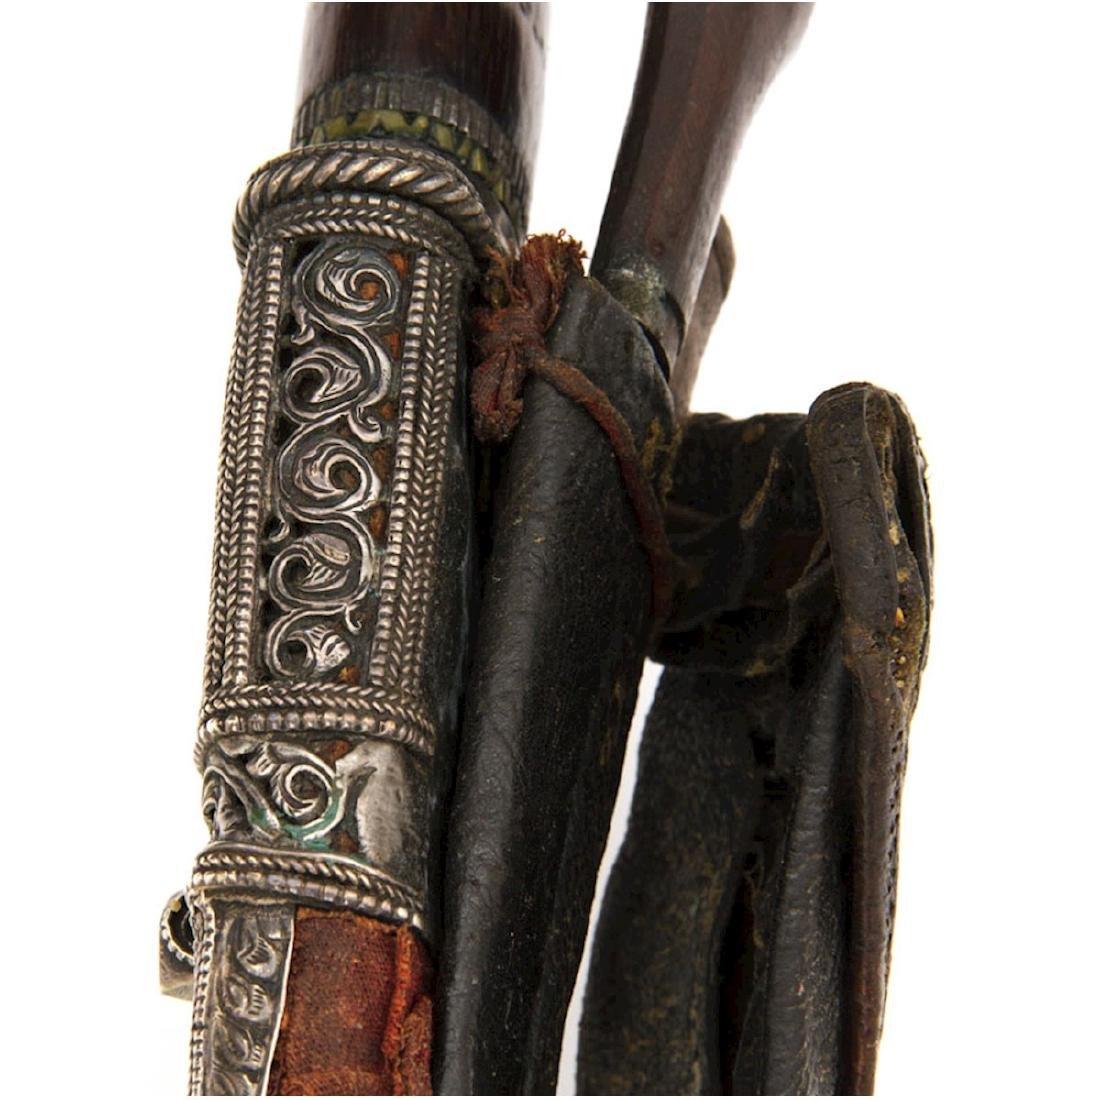 SILVER MOUNTED KUKRI KNIFE, NEPAL, 19TH C. - 3